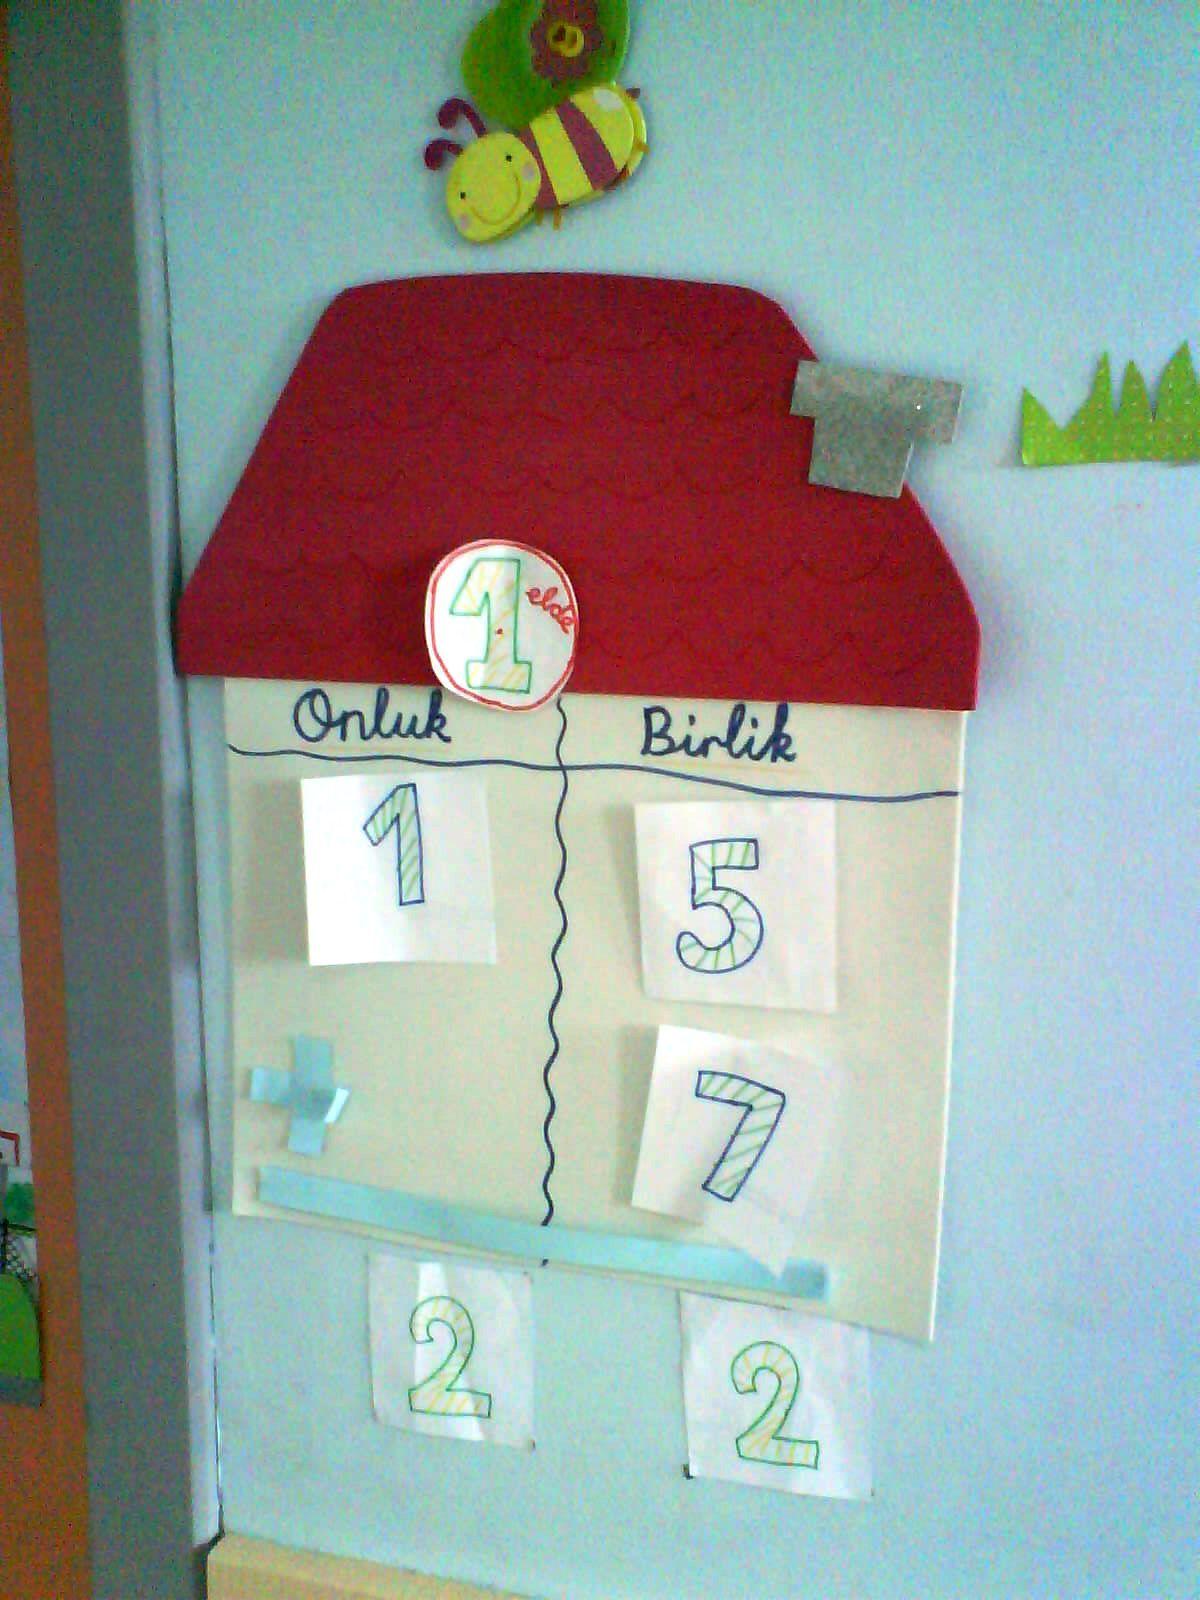 onluk birlik evi toplama işlemi 2. sınıf matematik, 1